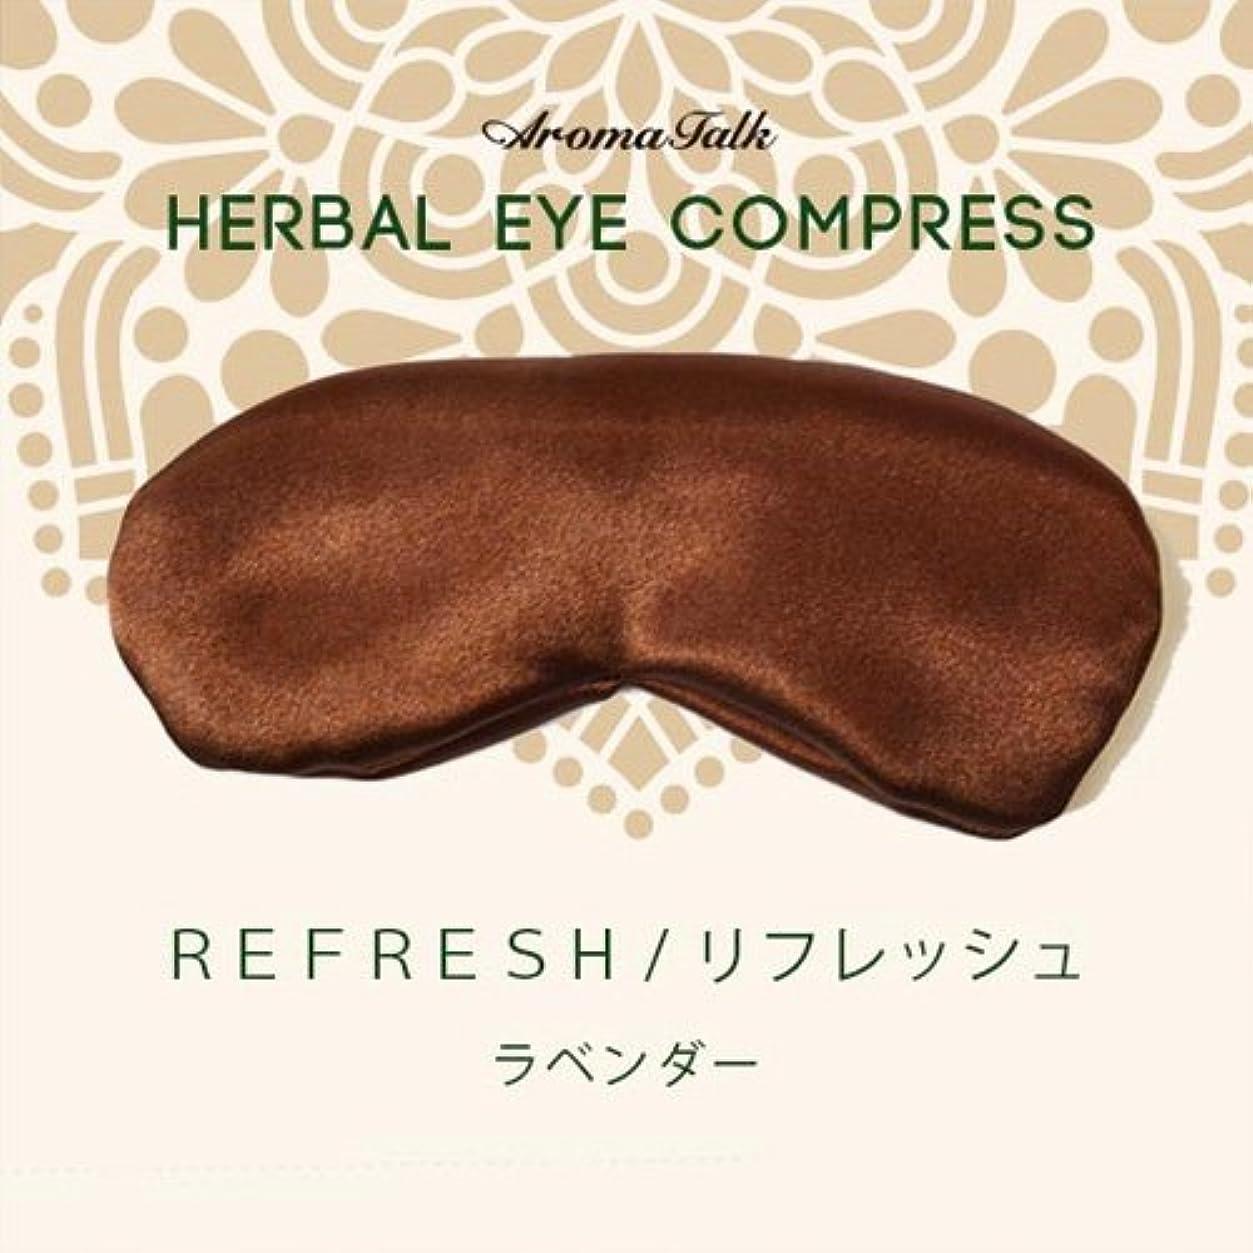 乞食最適司法ハーバルアイコンプレス「リフレッシュ」茶/ラベンダーの爽やかなリラックスできる香り